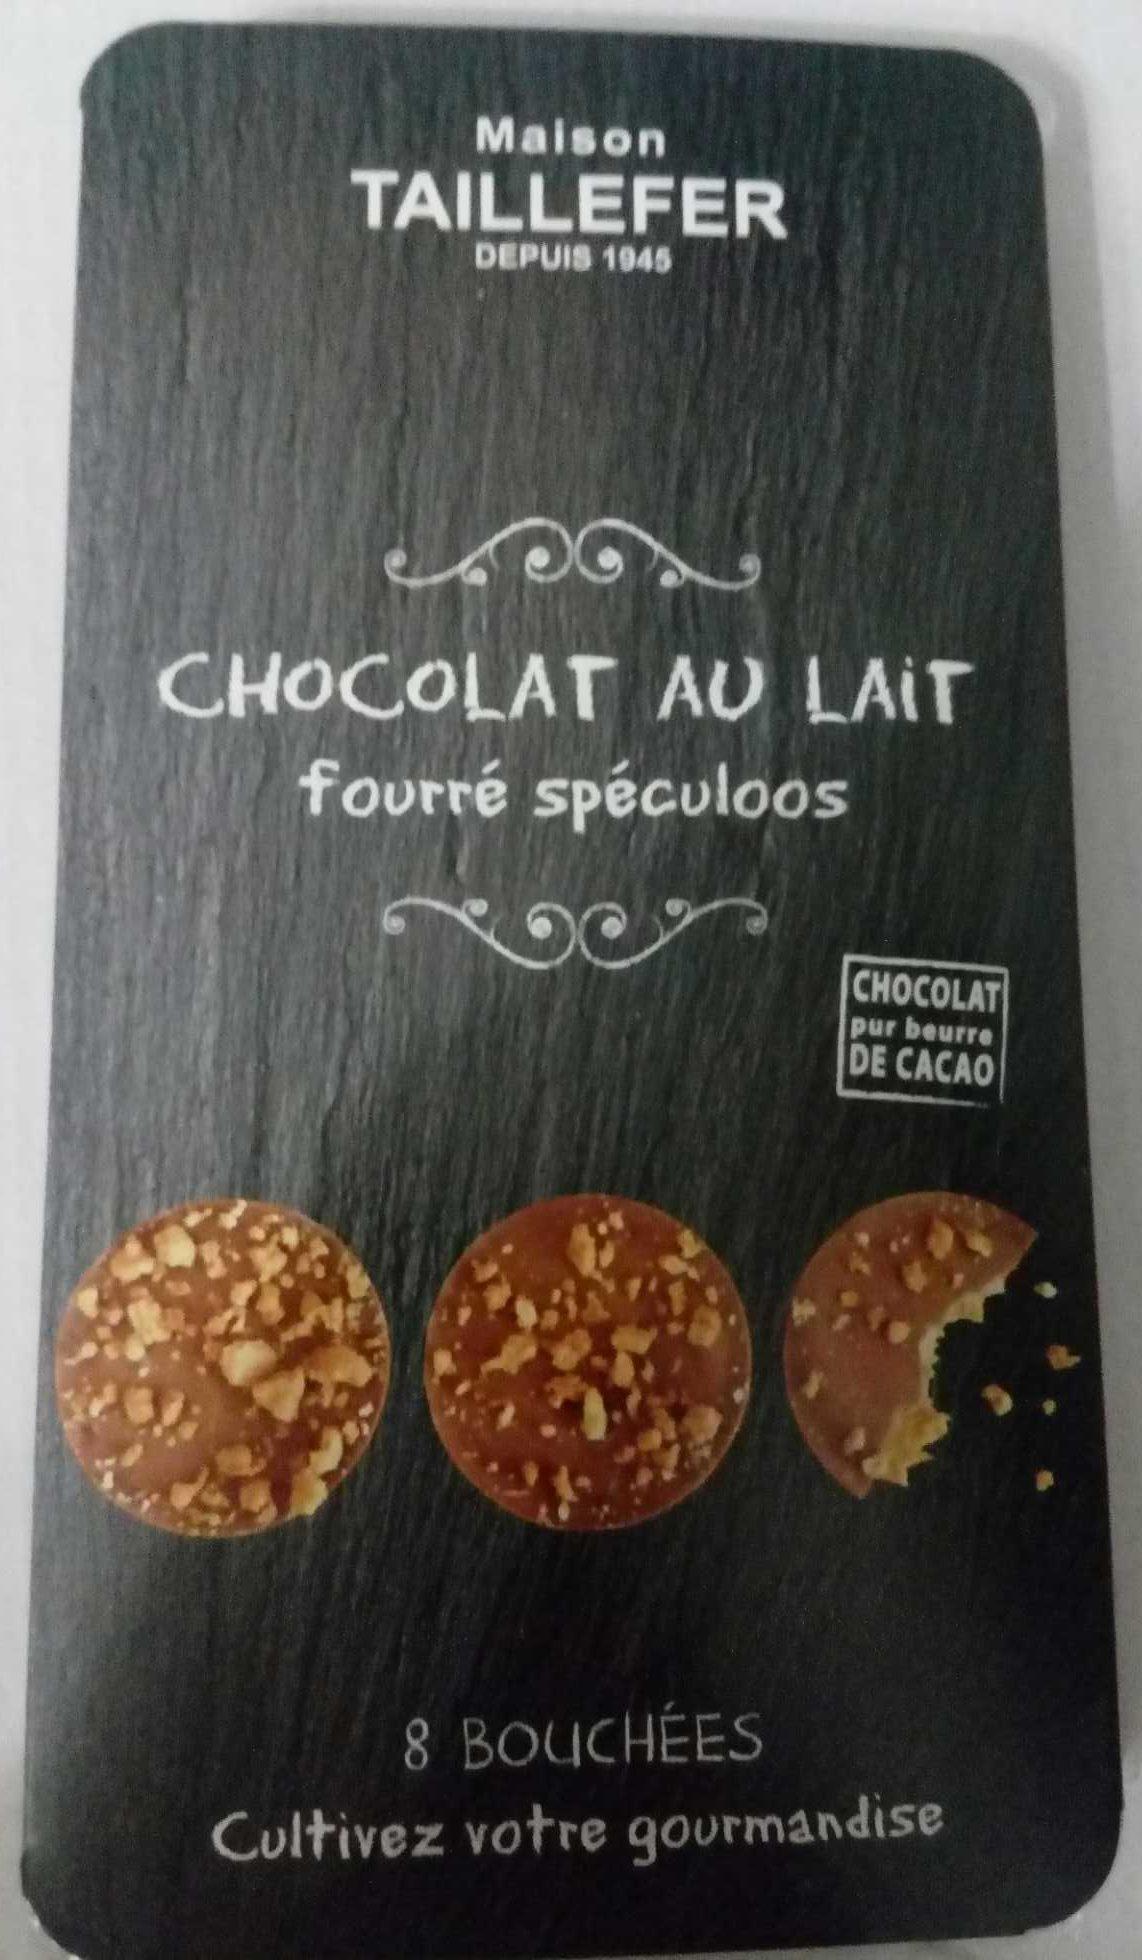 chocolat au lait fourr sp culoos maison taillefer 75 g e. Black Bedroom Furniture Sets. Home Design Ideas